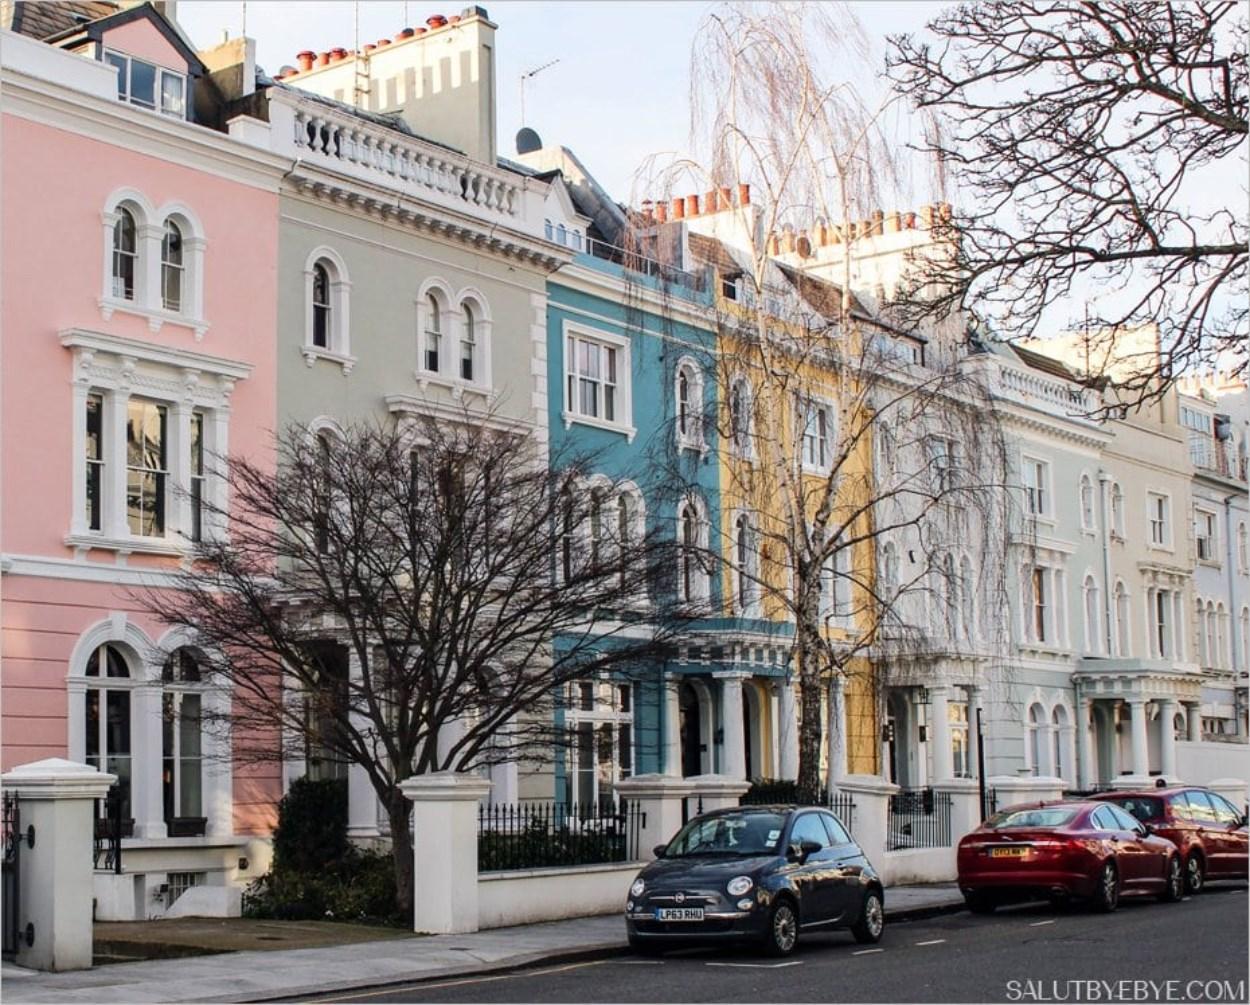 Quartier de Notting Hill à Londres et ses façades colorées